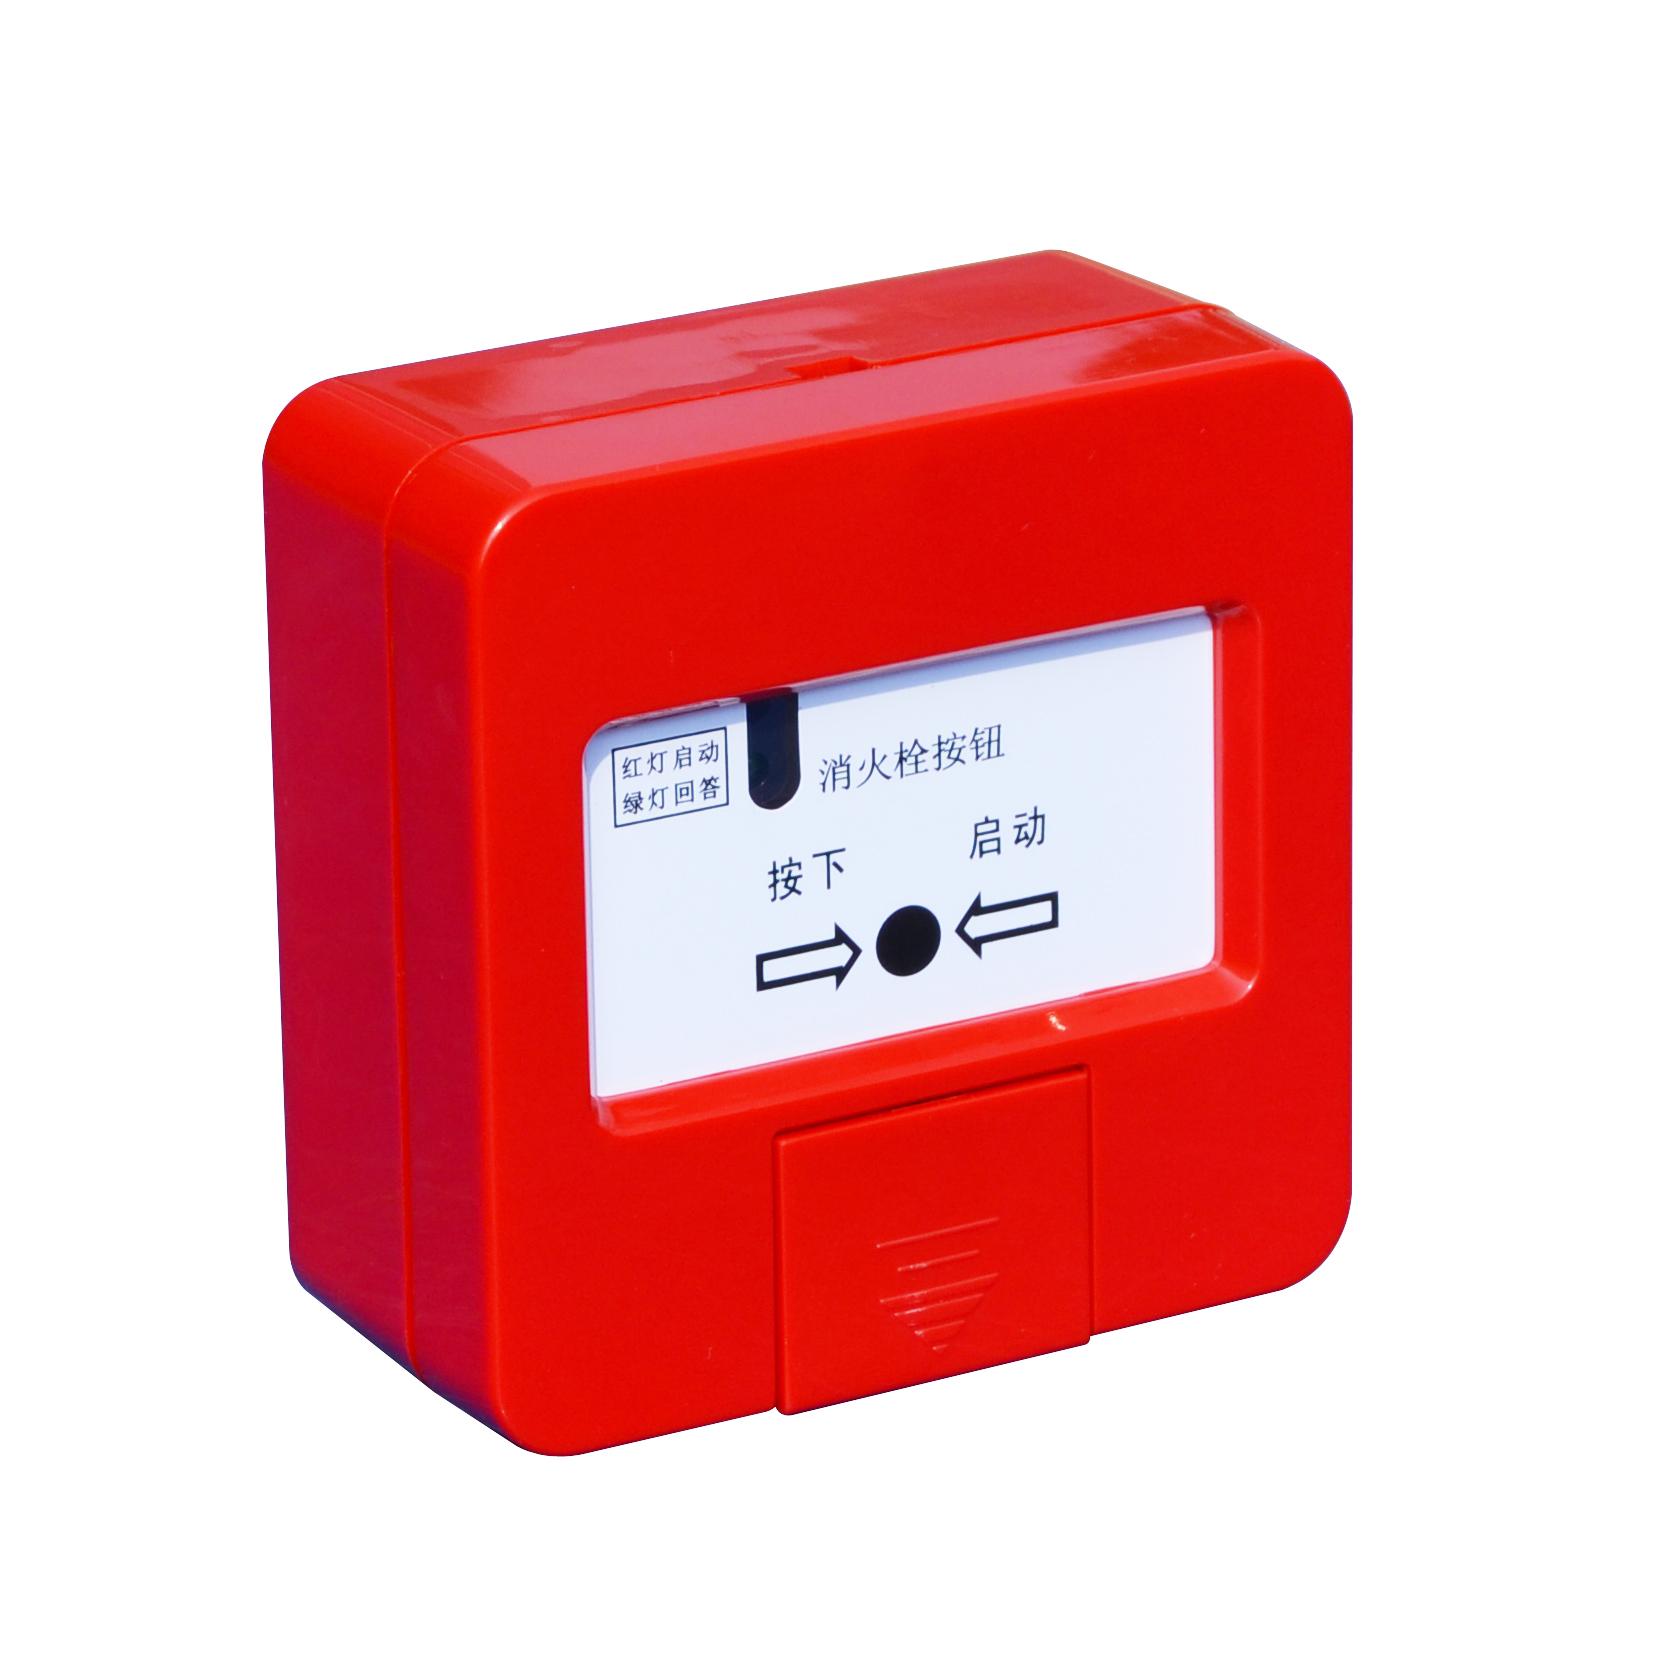 J-SAP-M-SH2163消火栓按钮(图1)